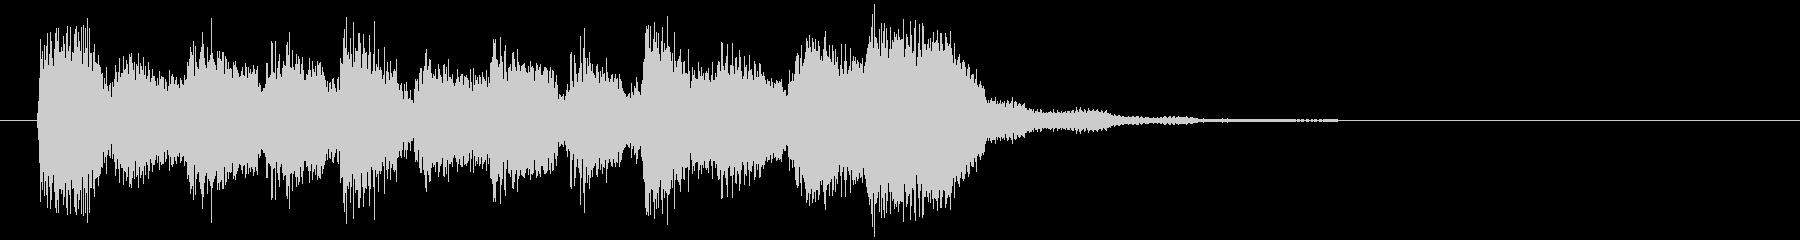 日常系アニメ的なアイキャッチ、リコーダーの未再生の波形